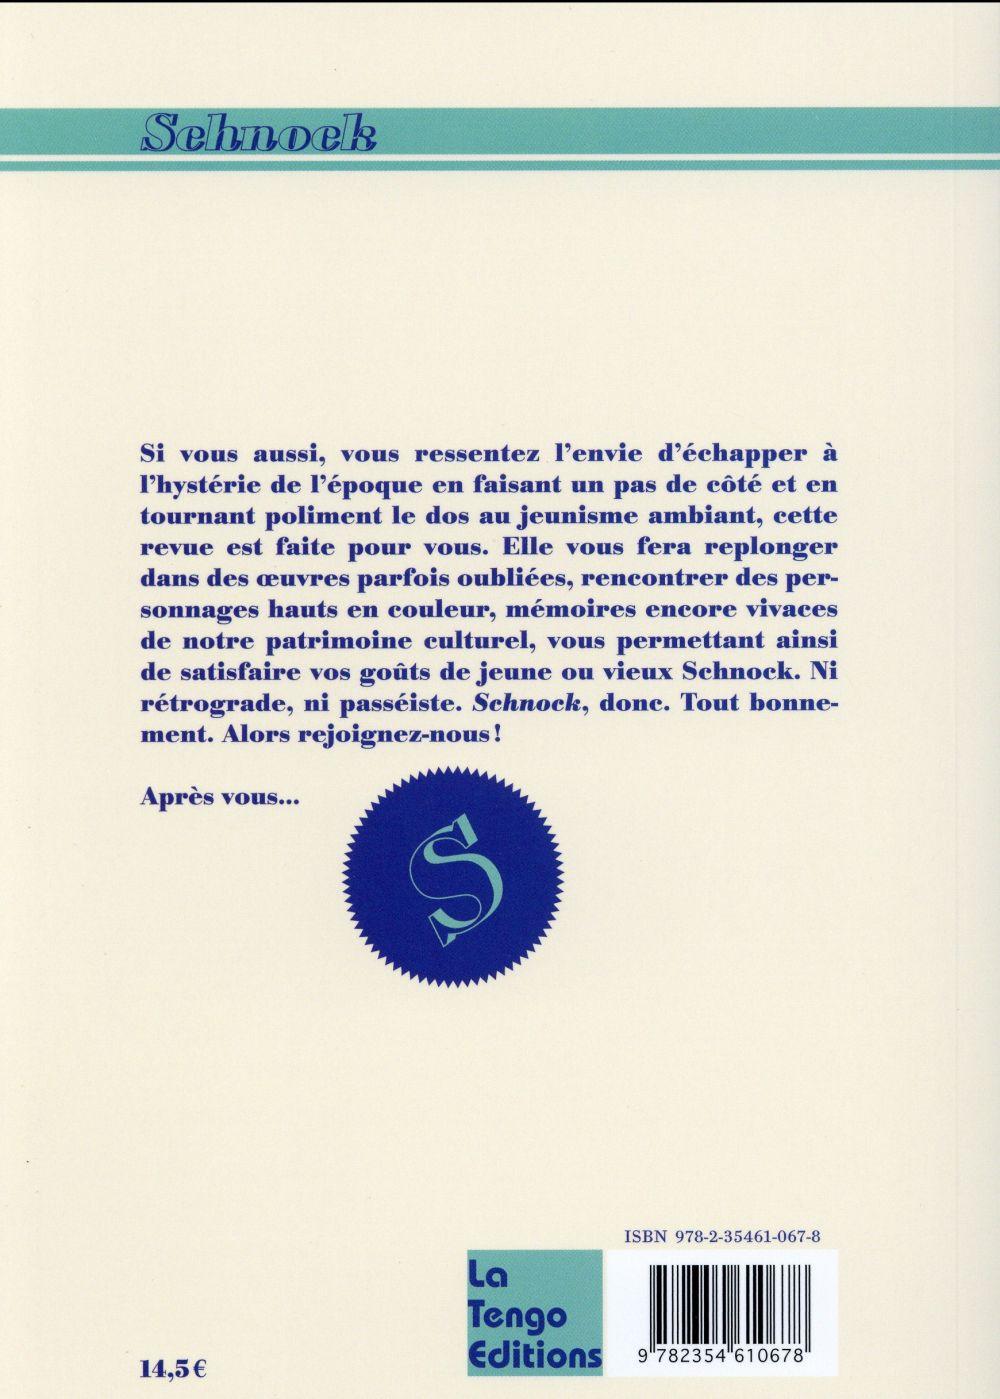 REVUE SCHNOCK n.13 ; Jean-Paul Belmondo